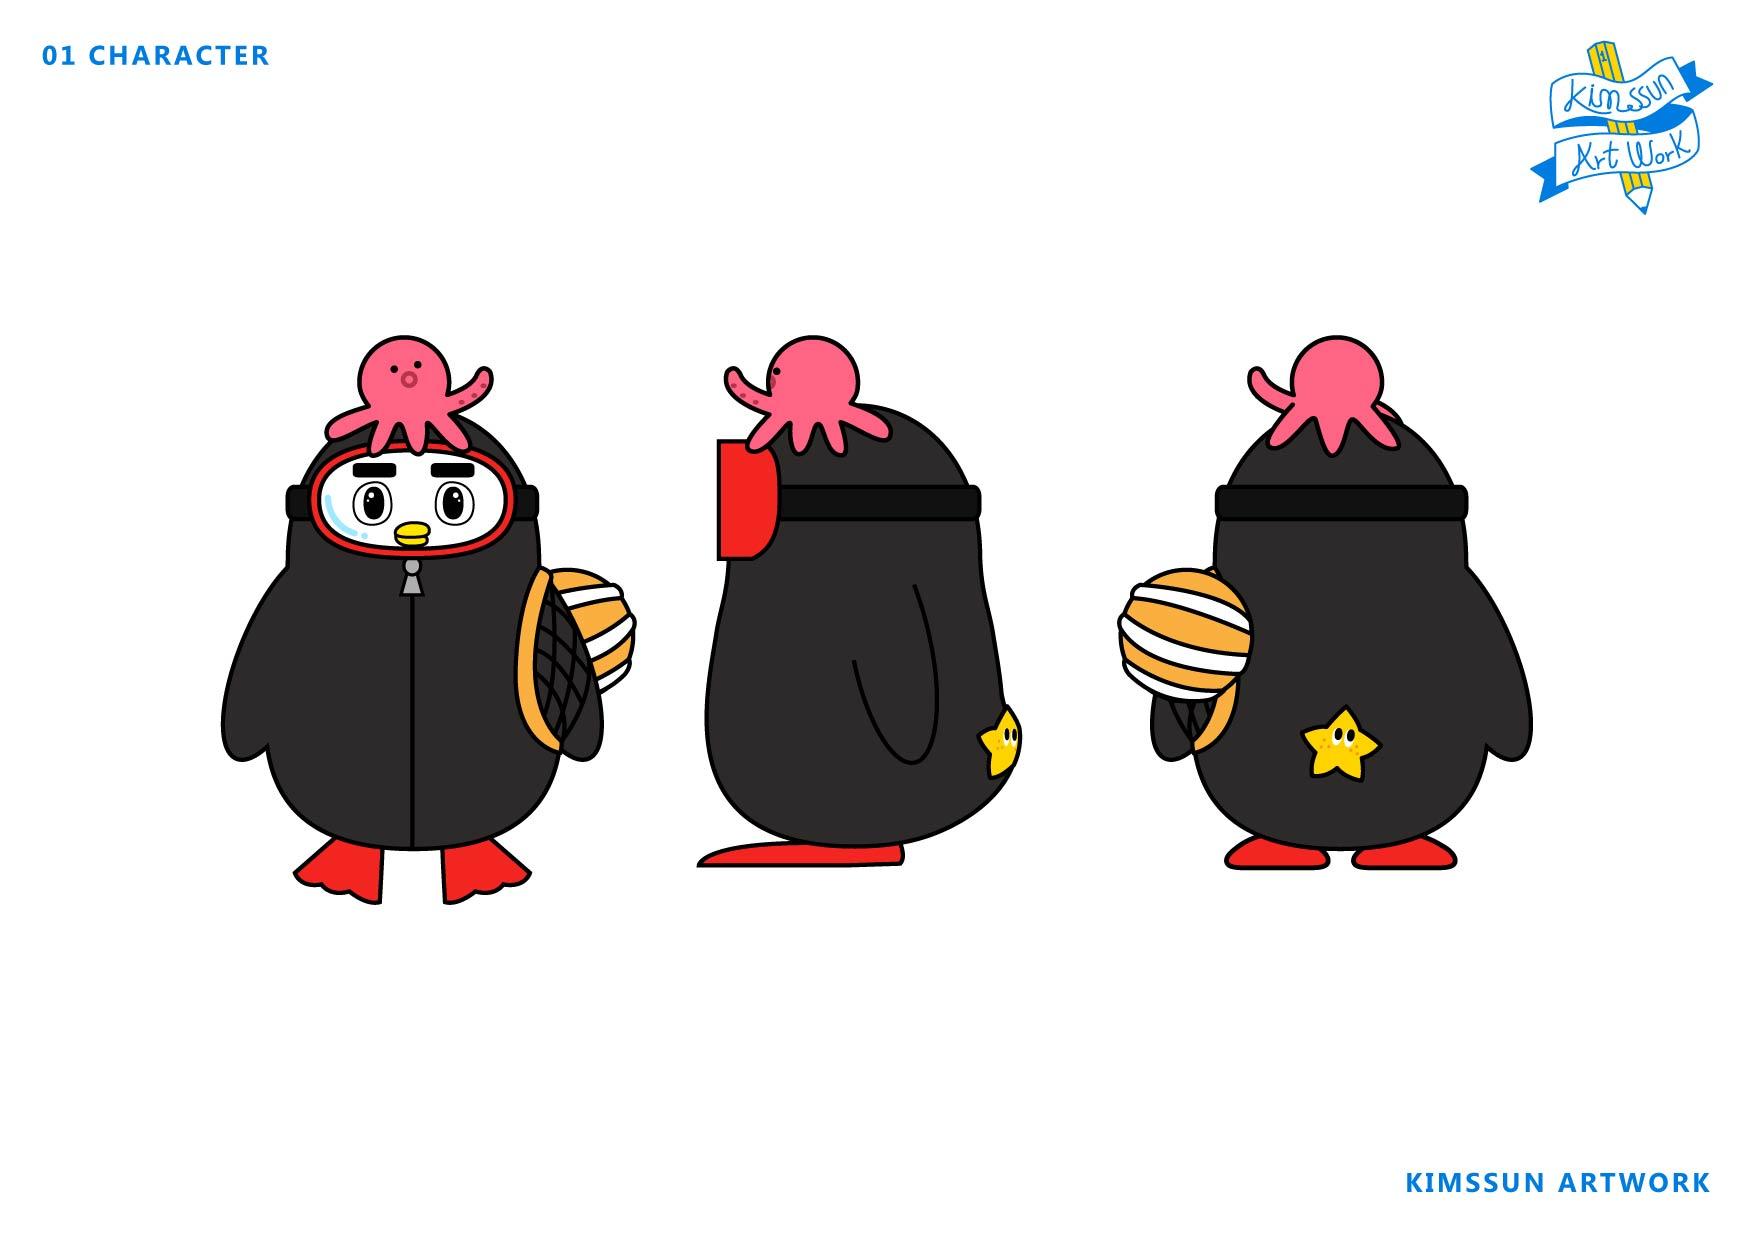 킴썬아트워크 캐릭터 포트폴리오-15